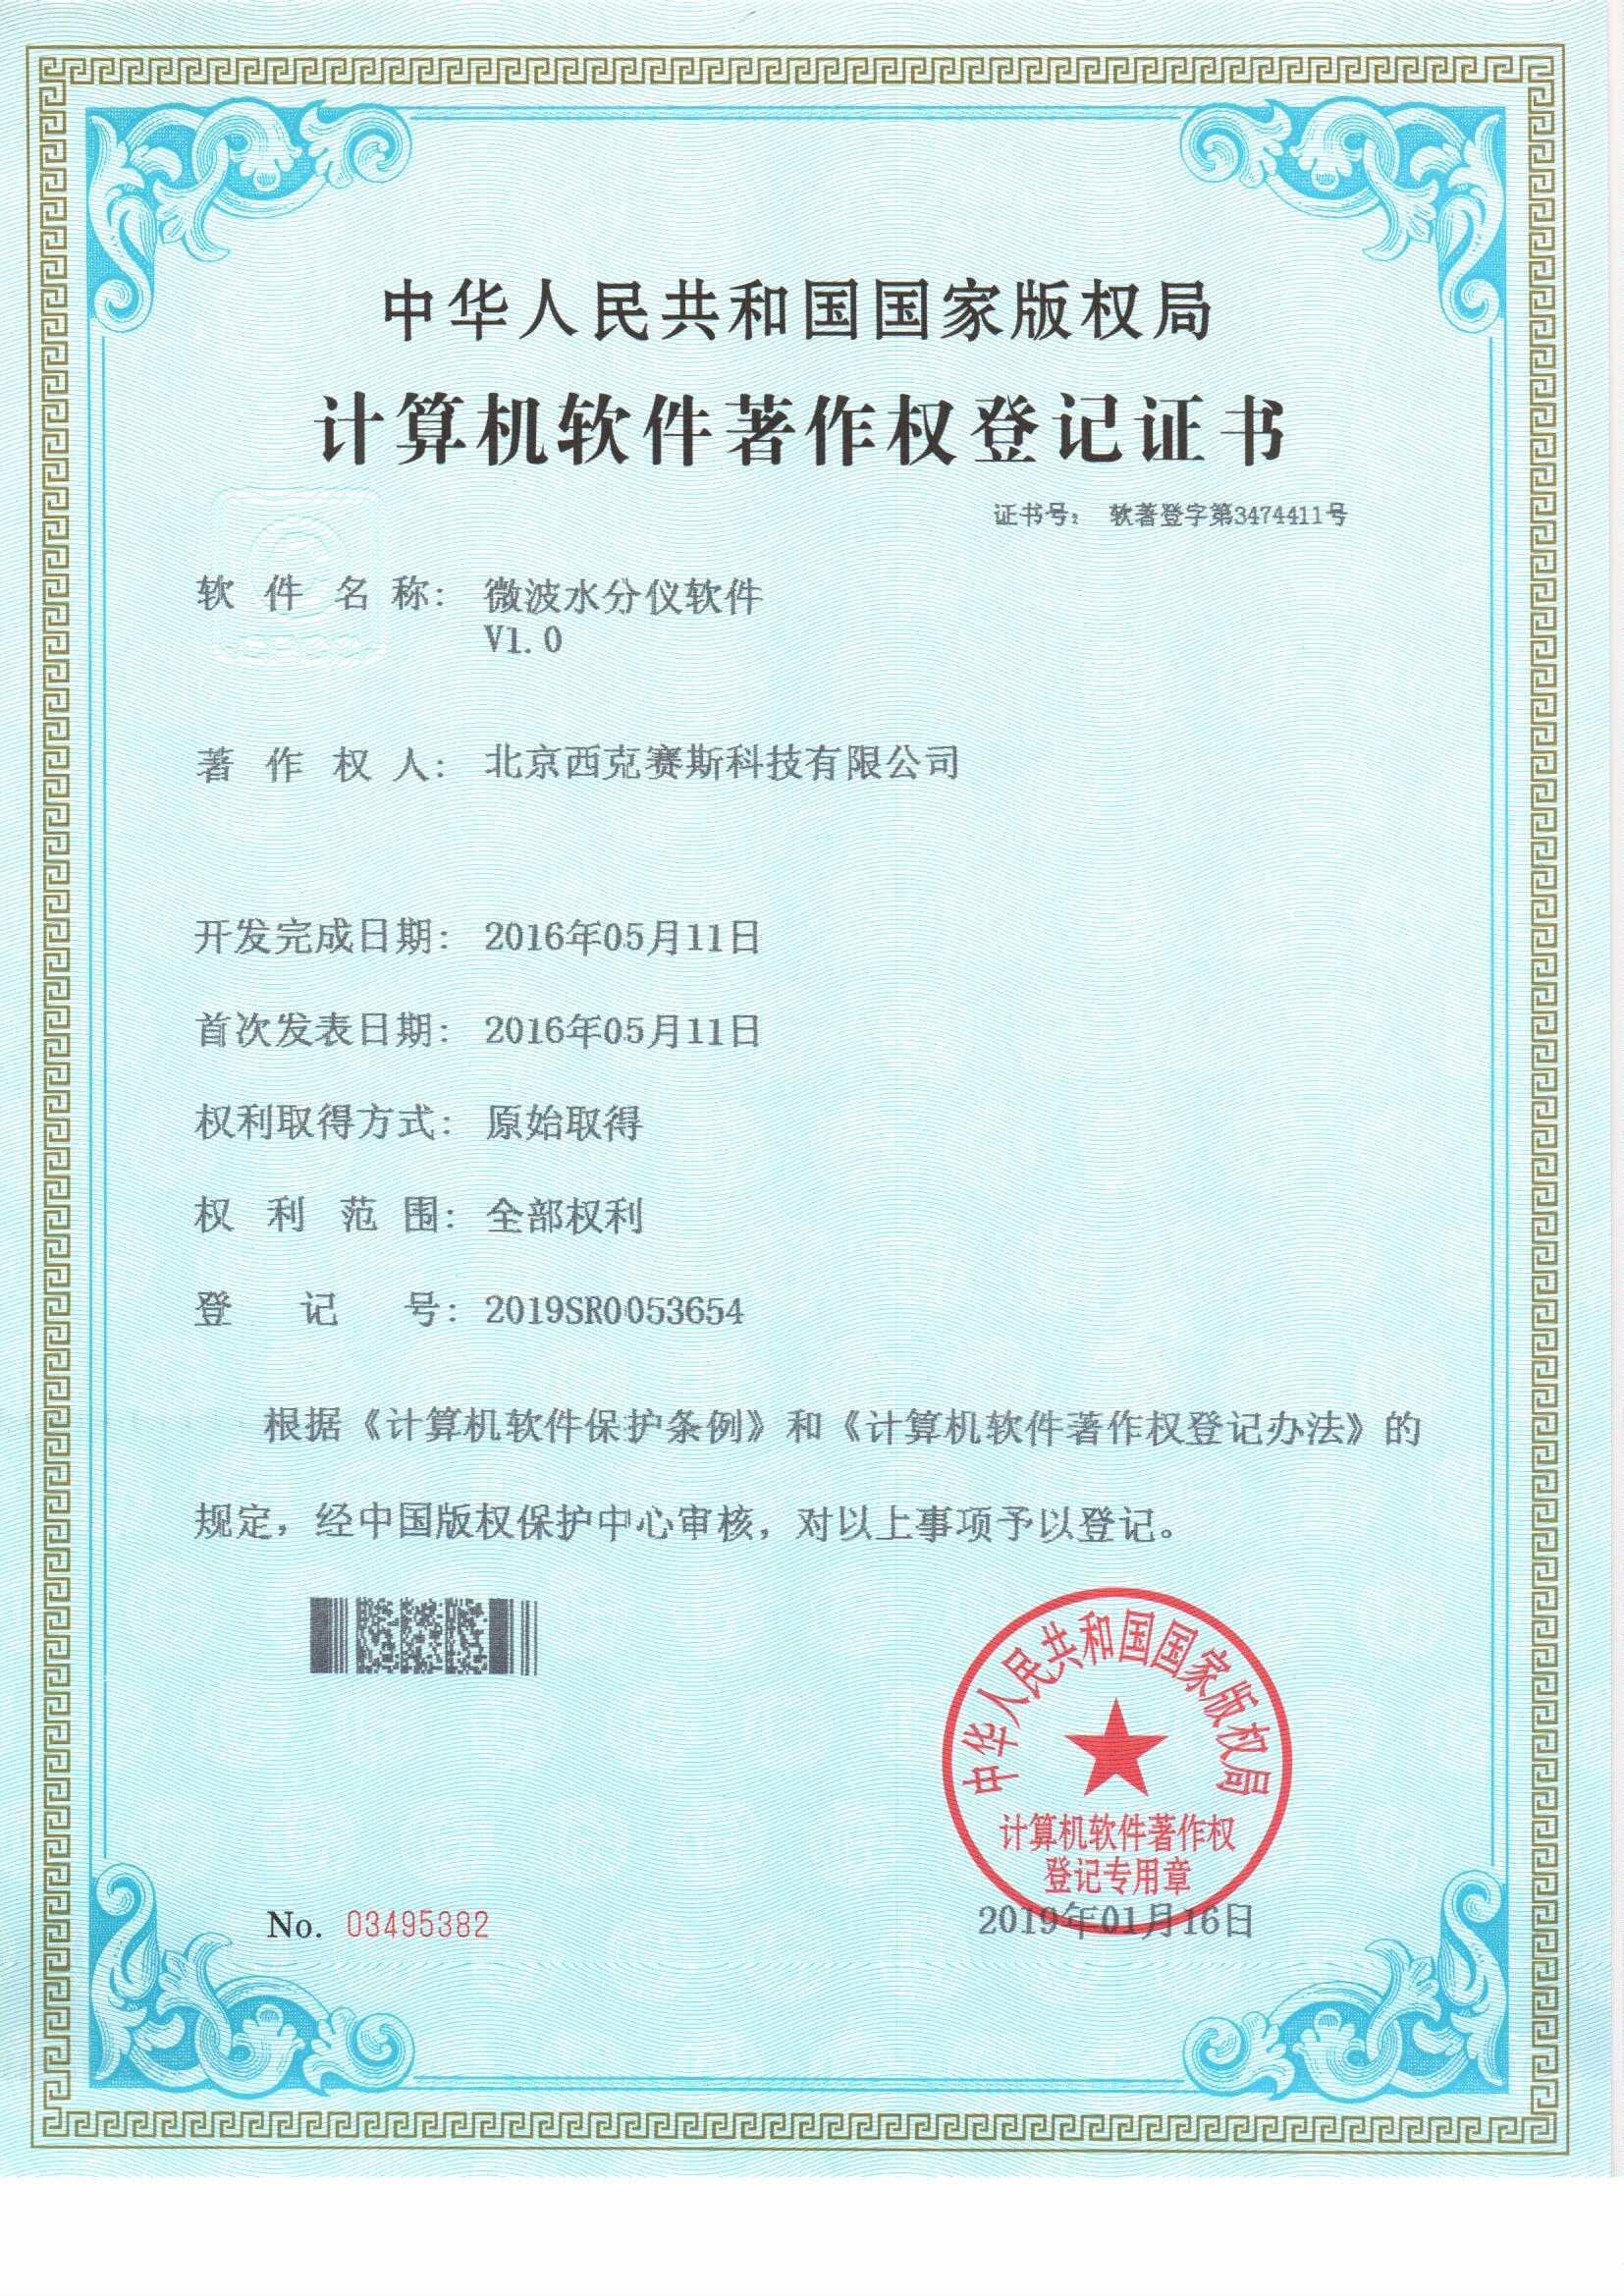 計算機軟件著作權登記證書-微波水分儀軟件